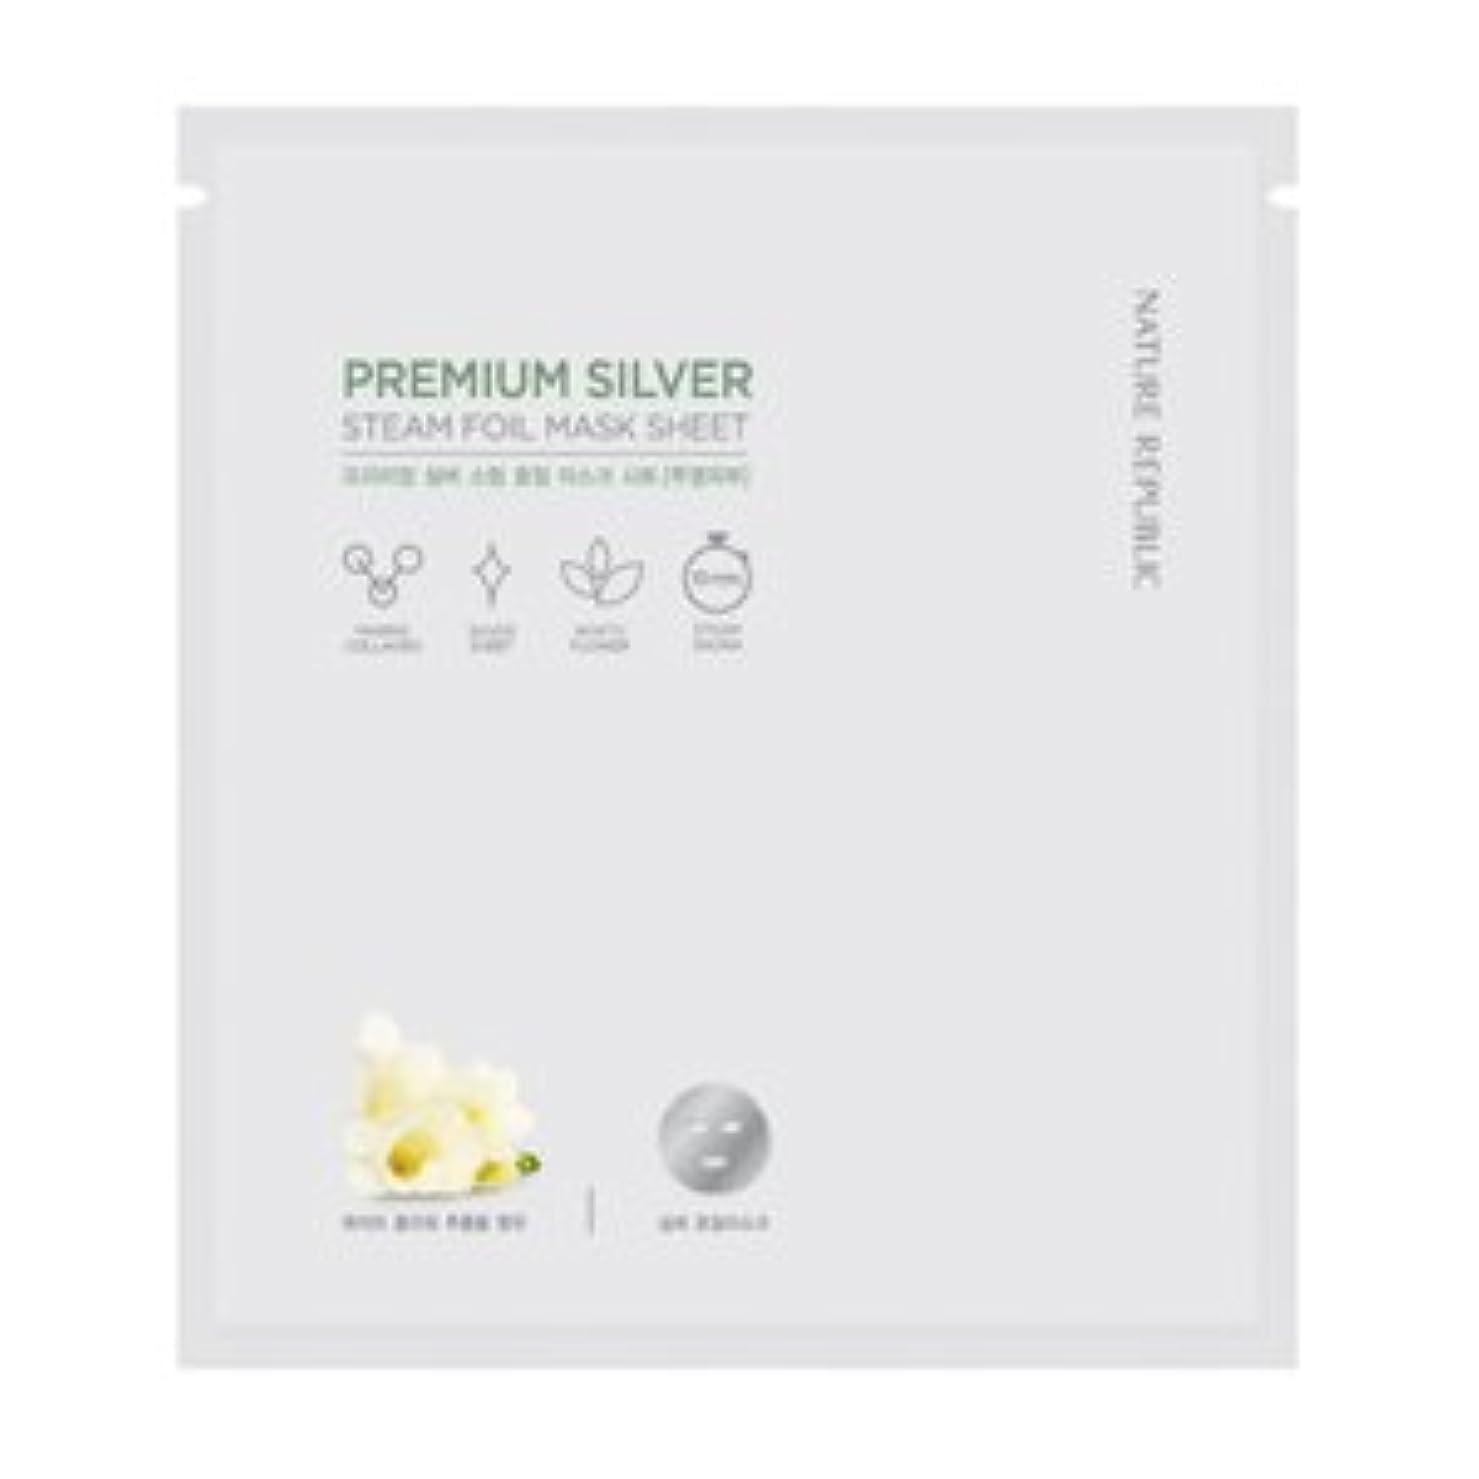 大腿経由で前奏曲Nature Republic Premium silver Steam Foil Mask Sheet [5ea] ネーチャーリパブリック プレミアムシルバースチームホイルマスクシート [5枚] [並行輸入品]